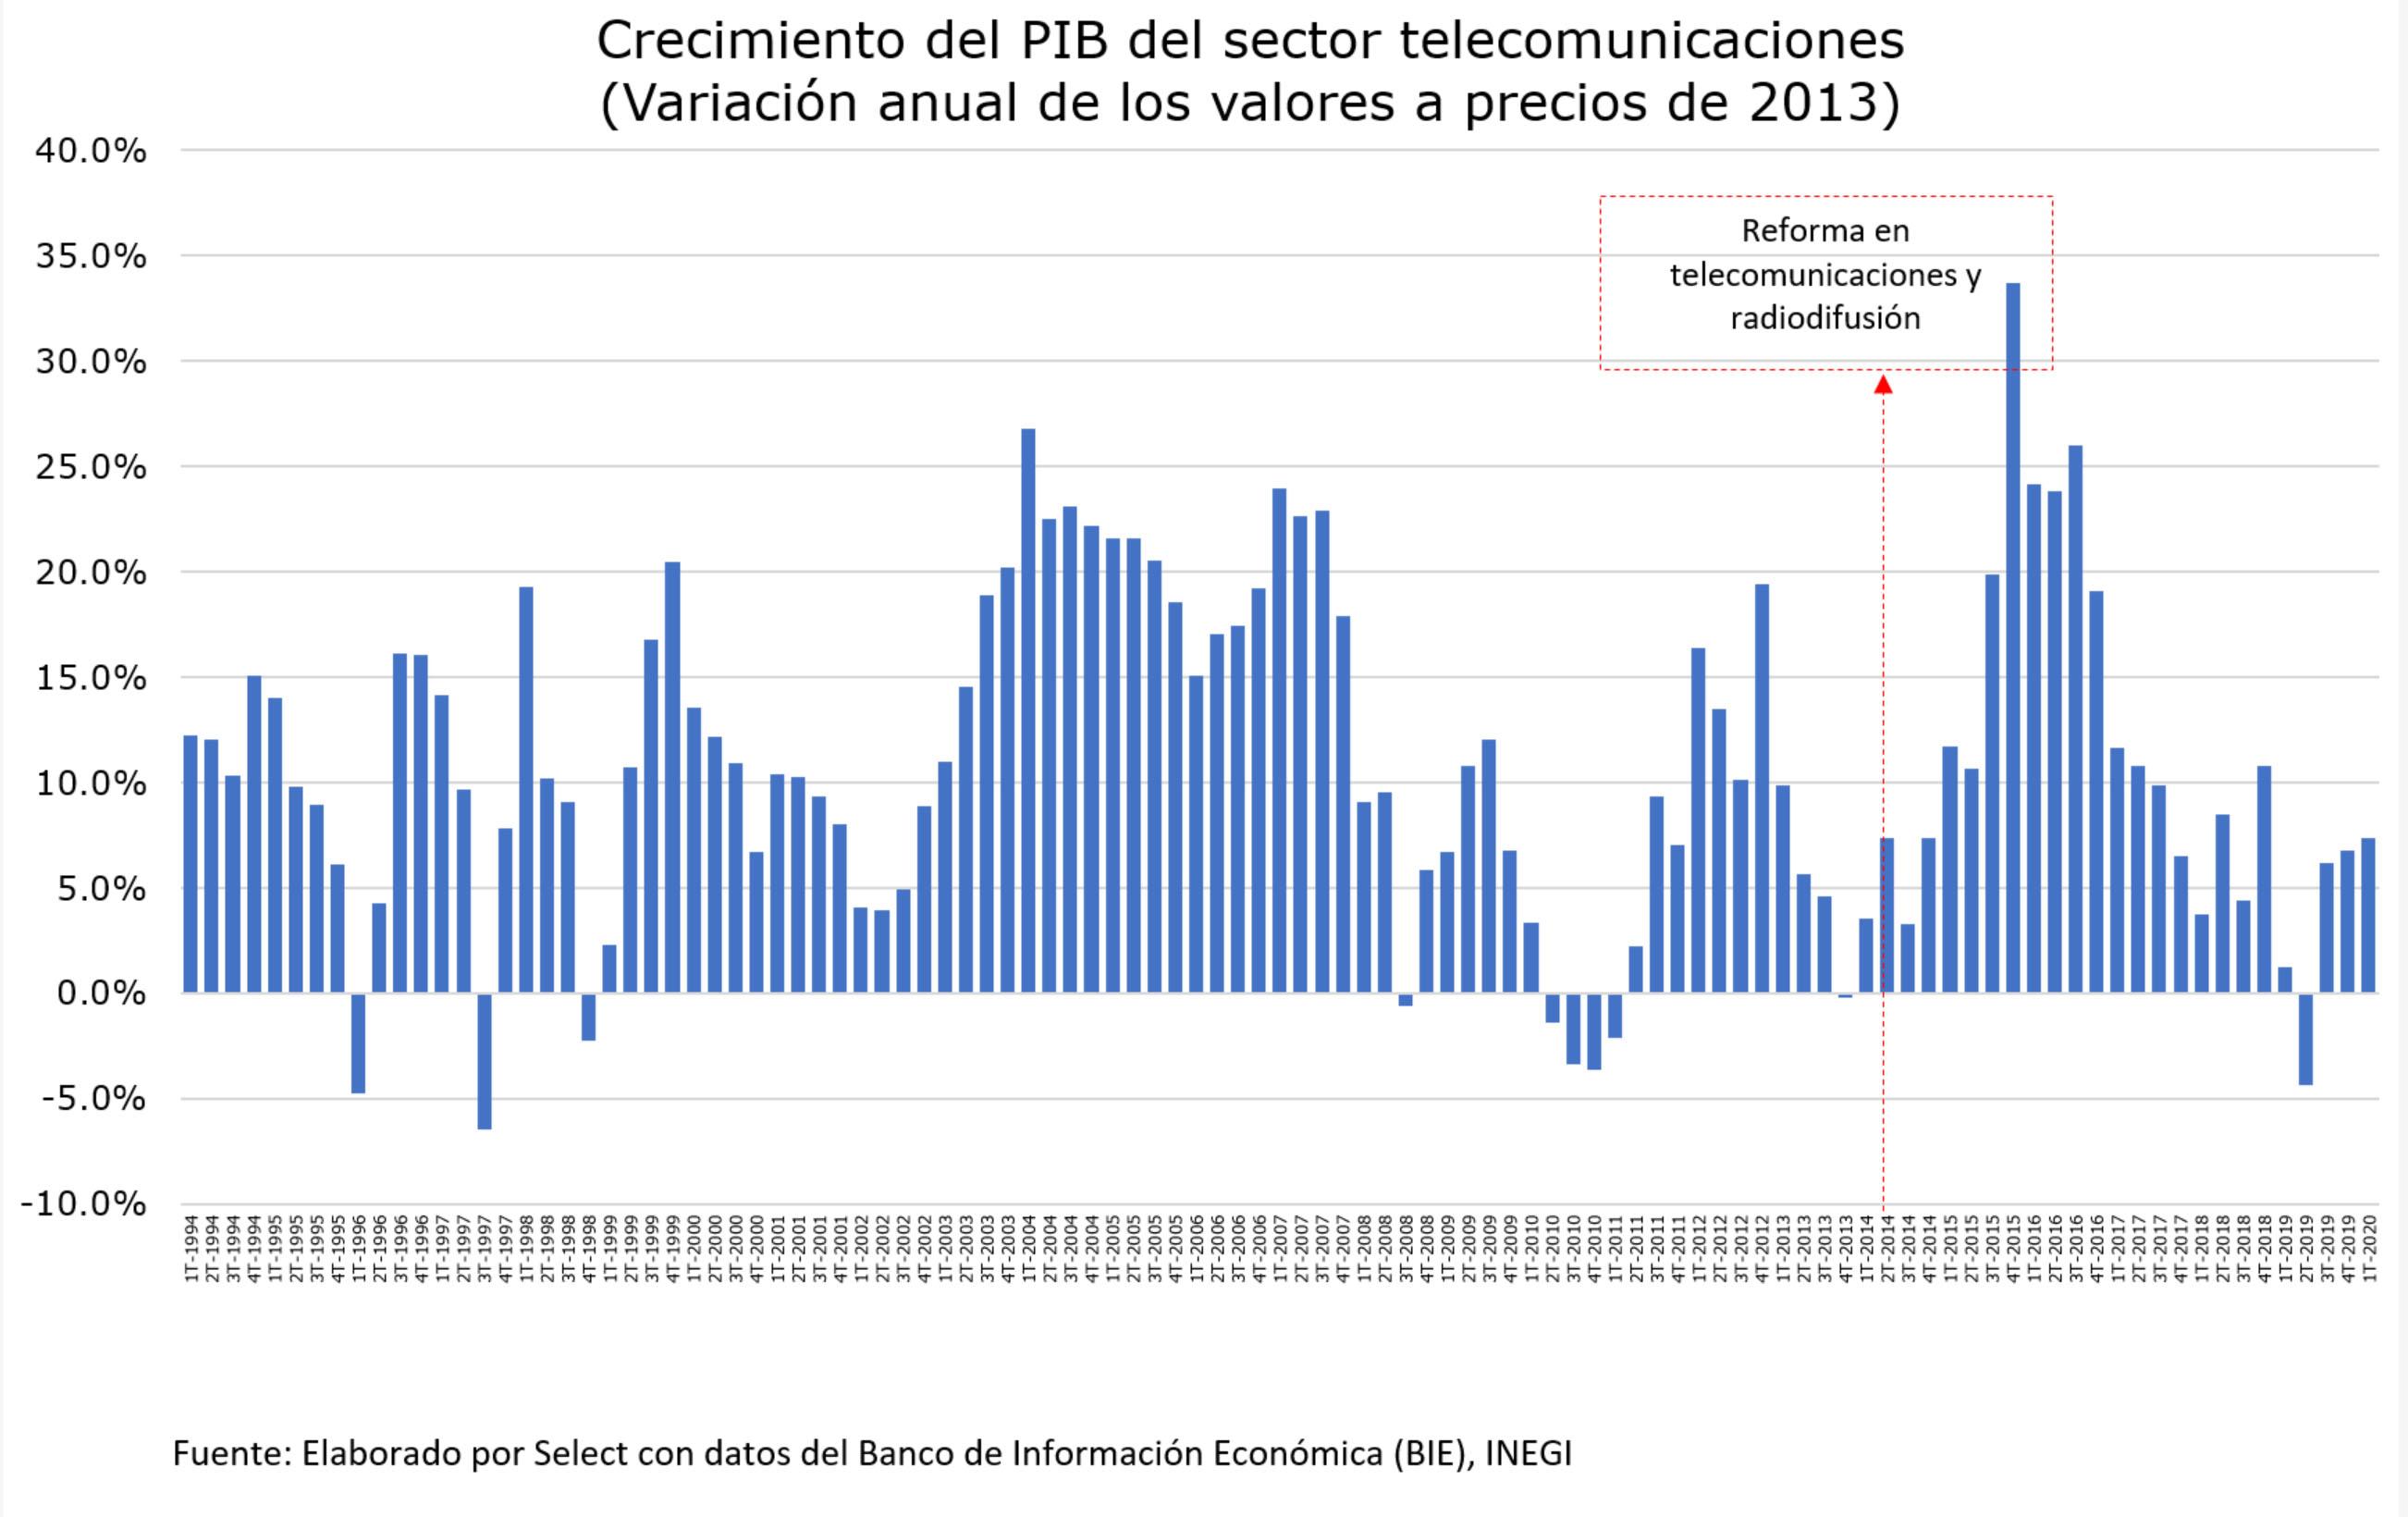 Crecimiento PIB telecomunicaciones